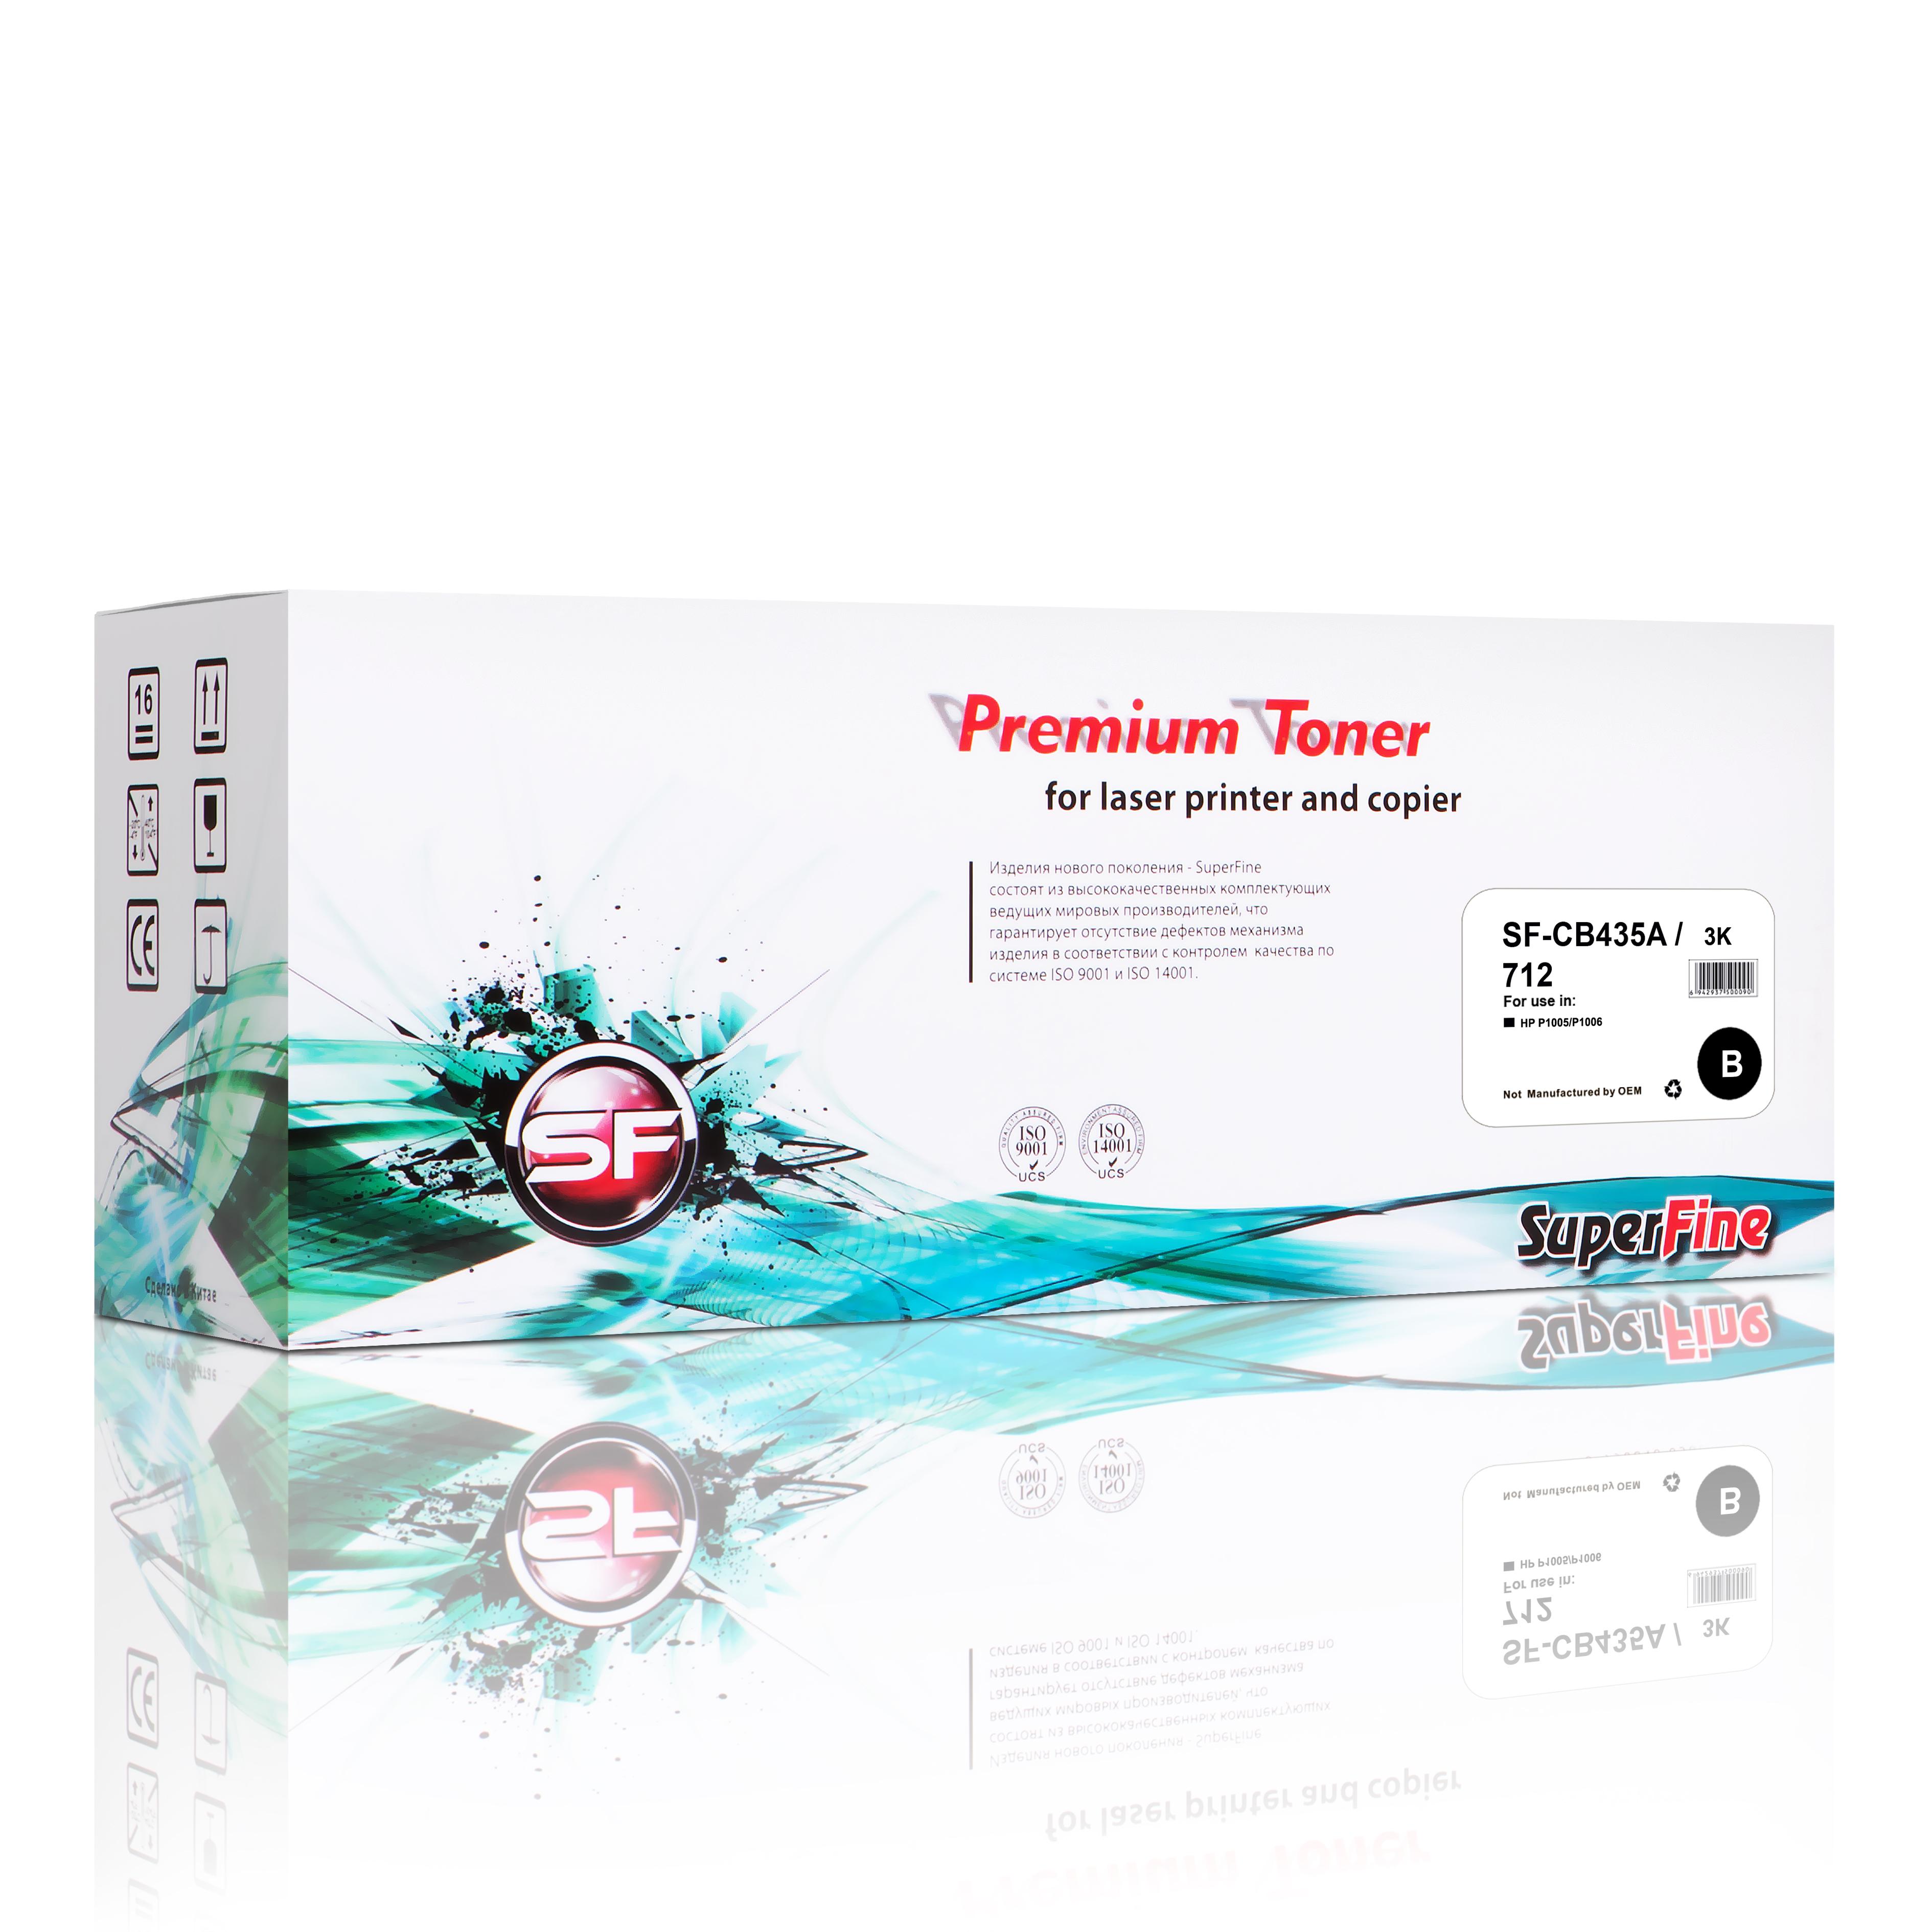 Картридж SuperFine SF-CB435A/712 для использования в принтерах HP LaserJetP1005/P1006 или Canon LBP3010/3101